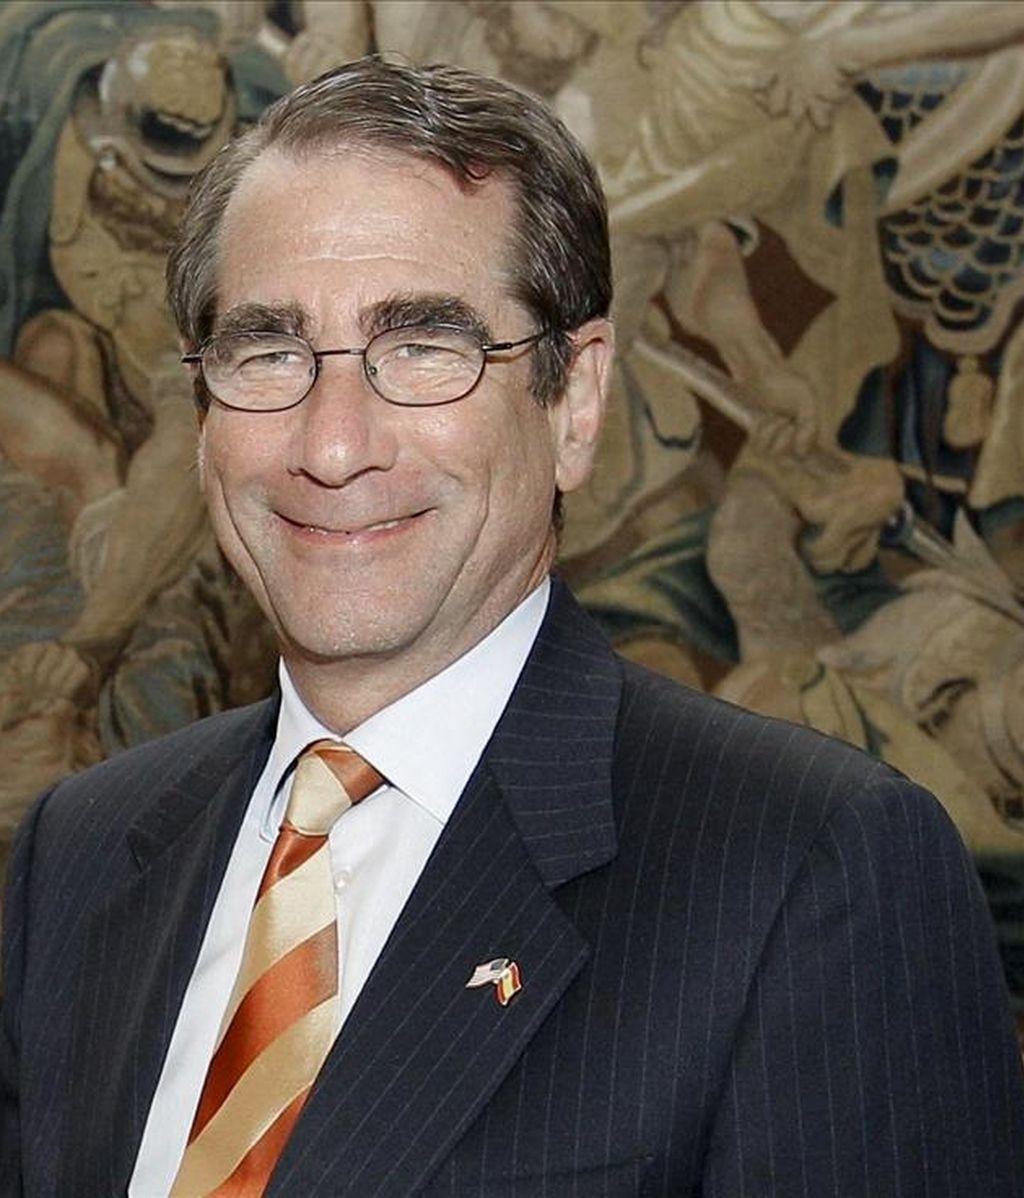 El embajador de Estados Unidos en España, Alan Solomont. EFE/Archivo